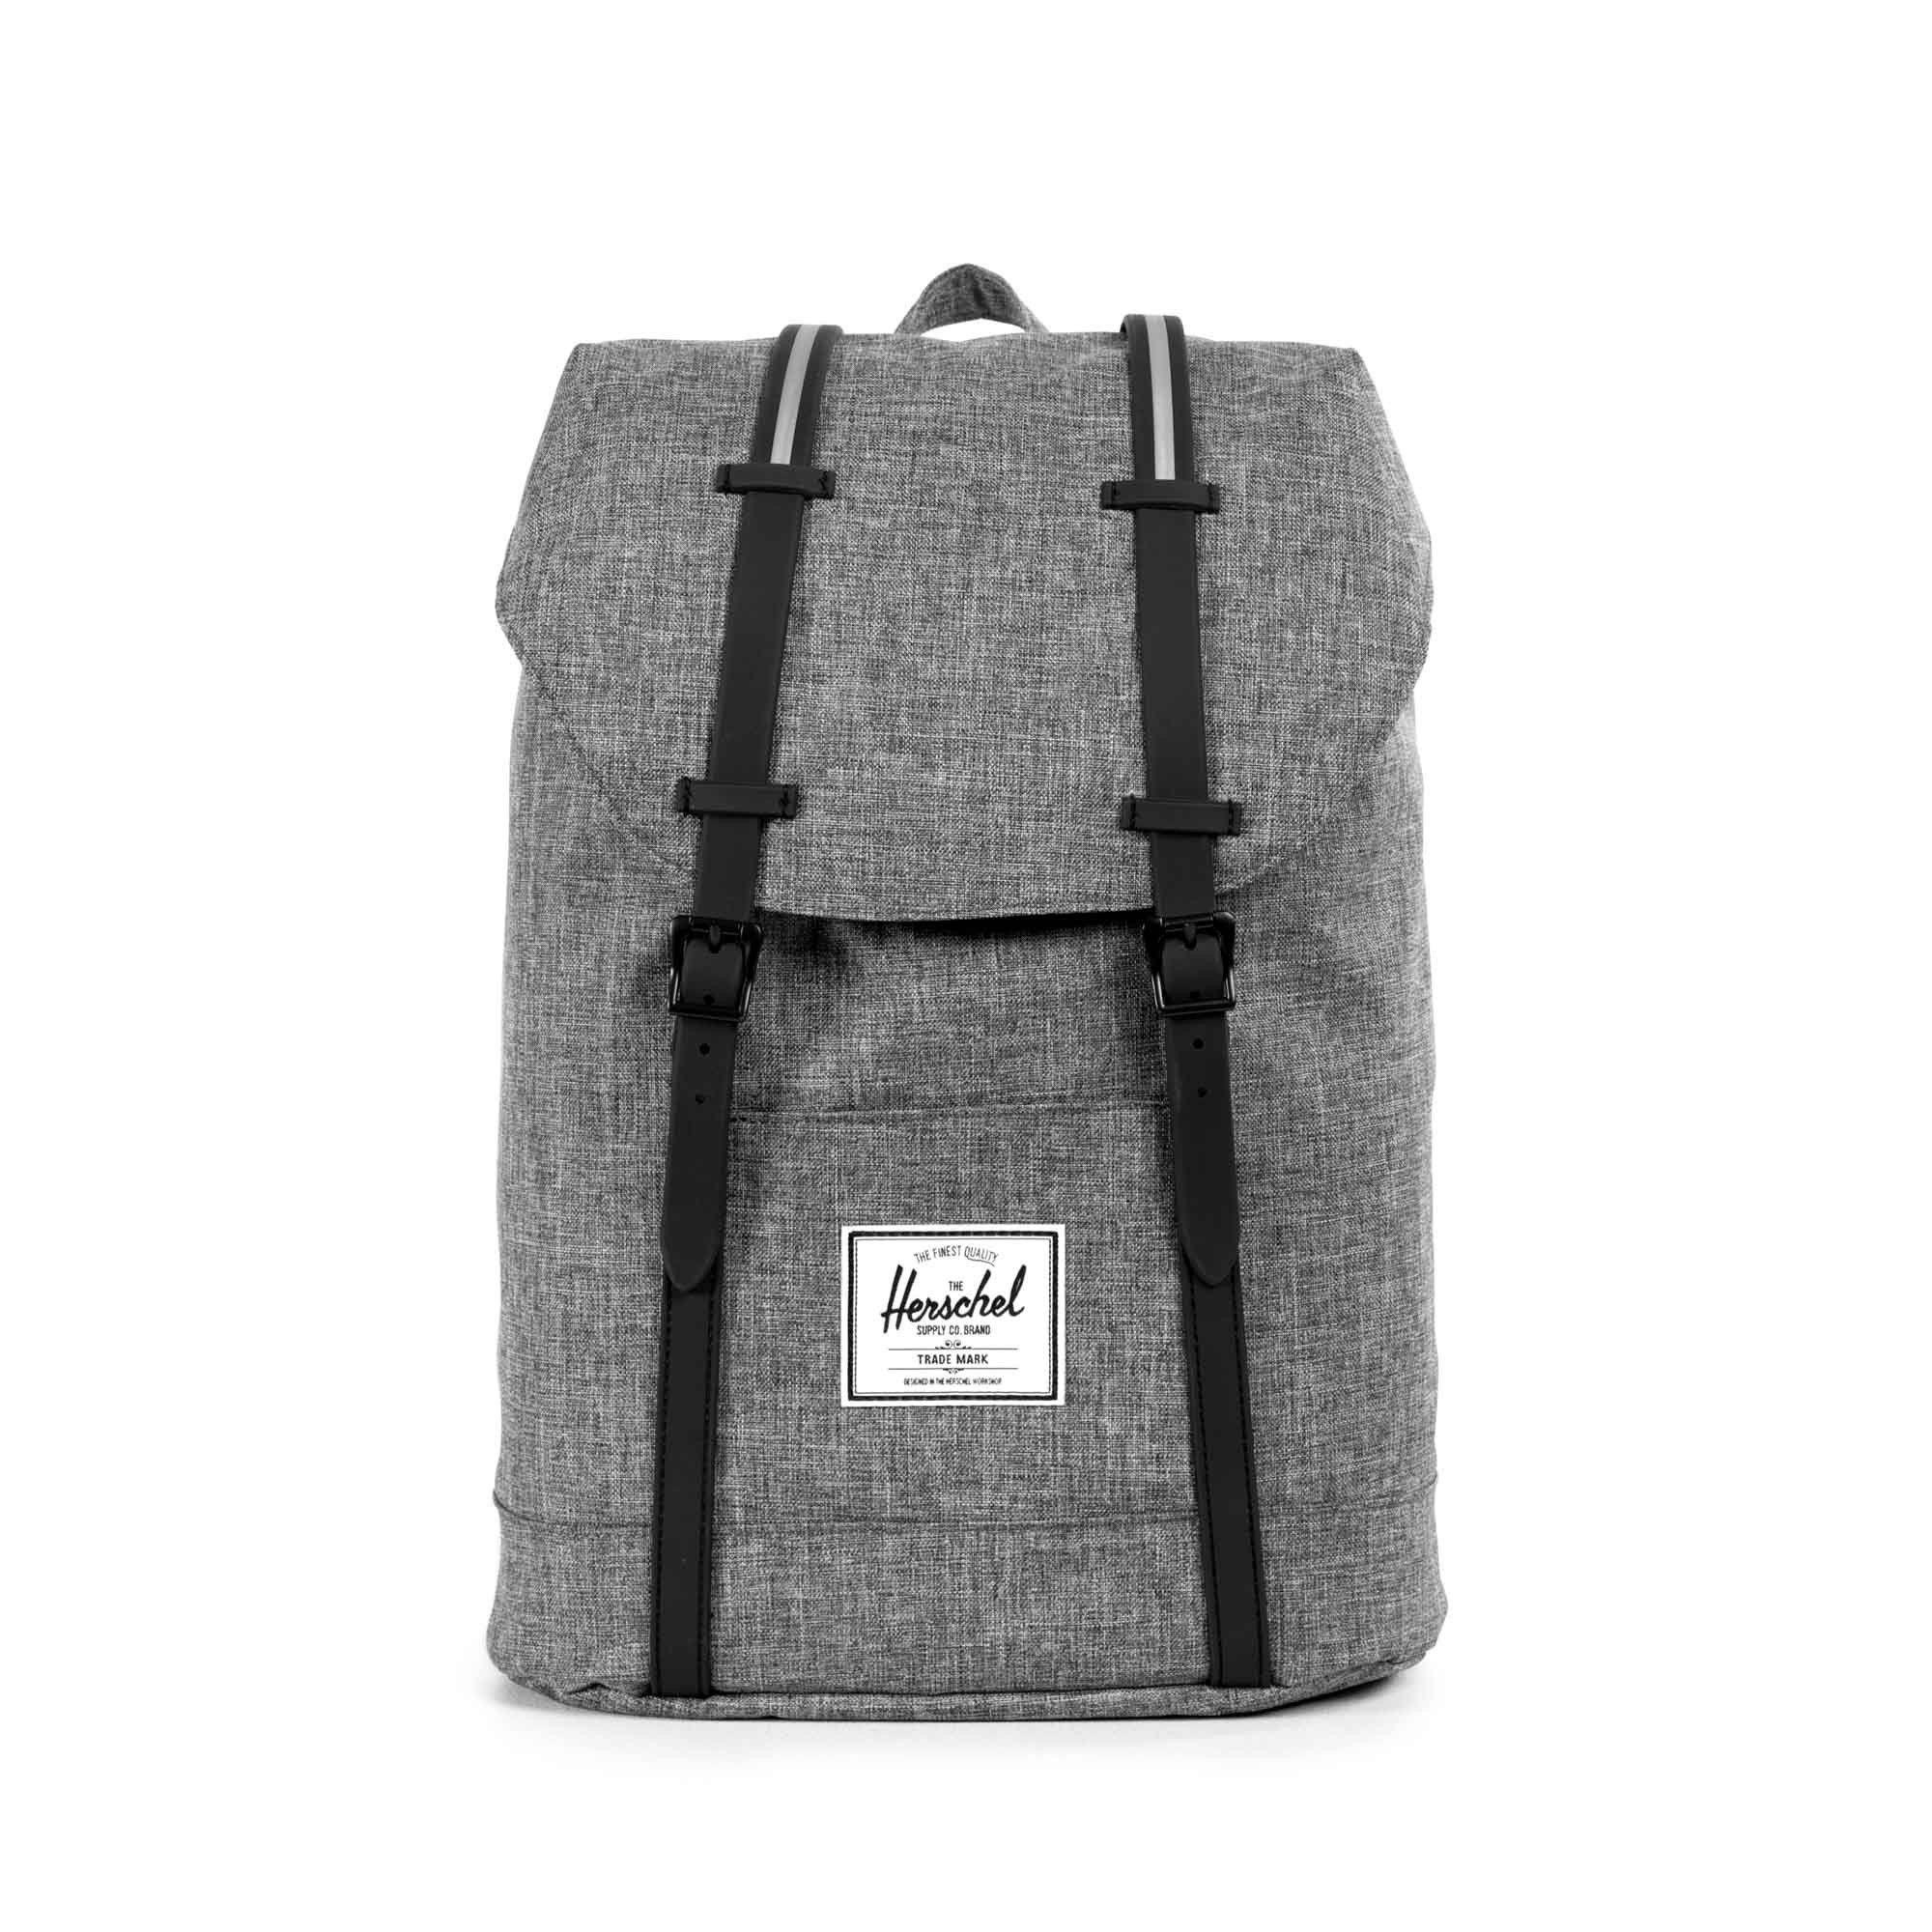 9e972d2f344 Retreat Backpack   Herschel Supply Co USA Laptop Rugzak, Herschel Rugzak,  Gray, Handtassen